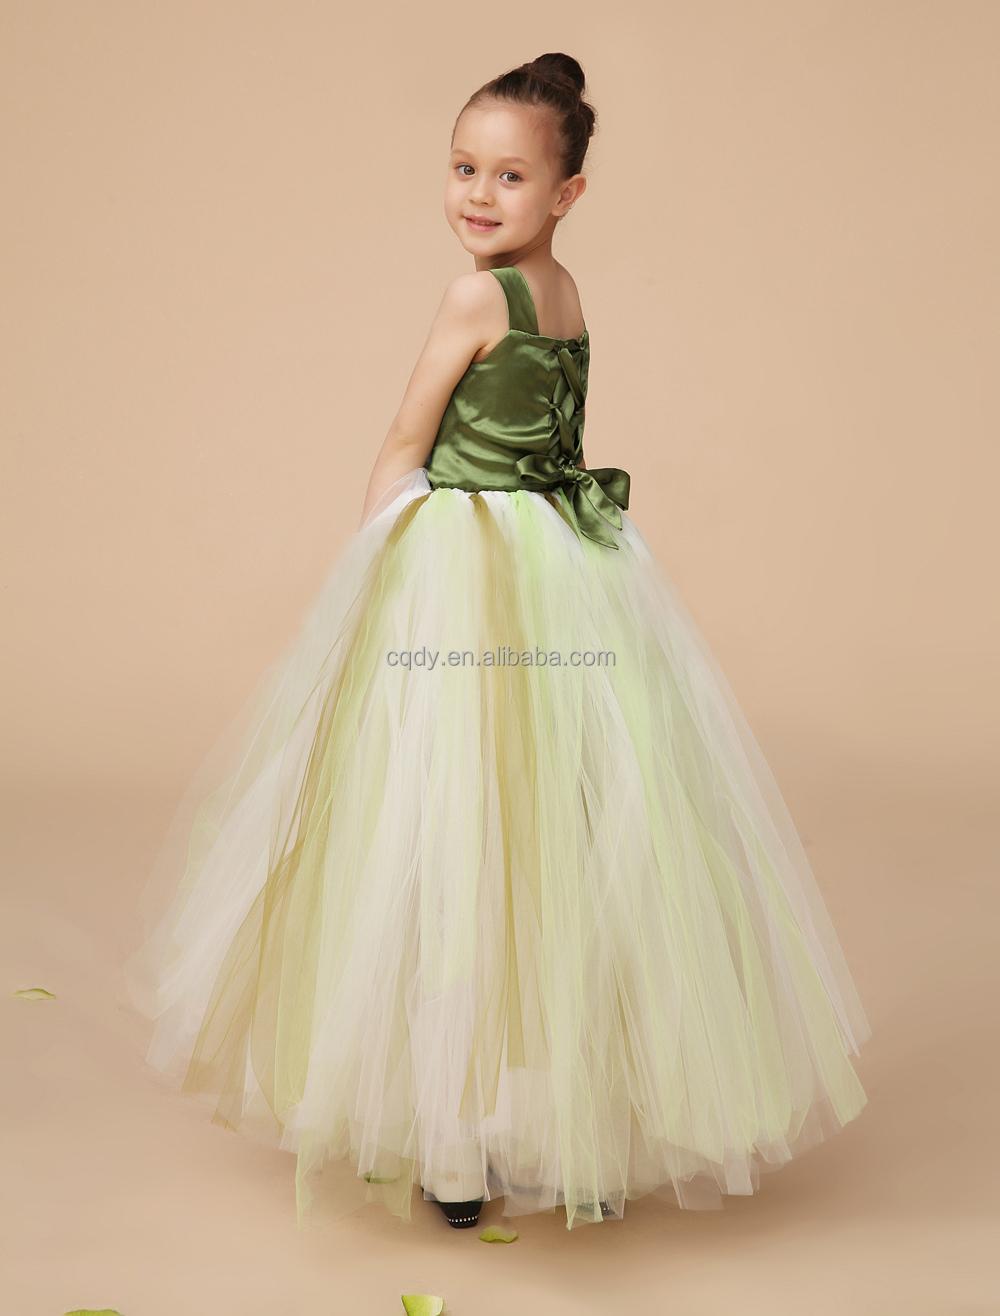 Fancy wedding dresses for girls